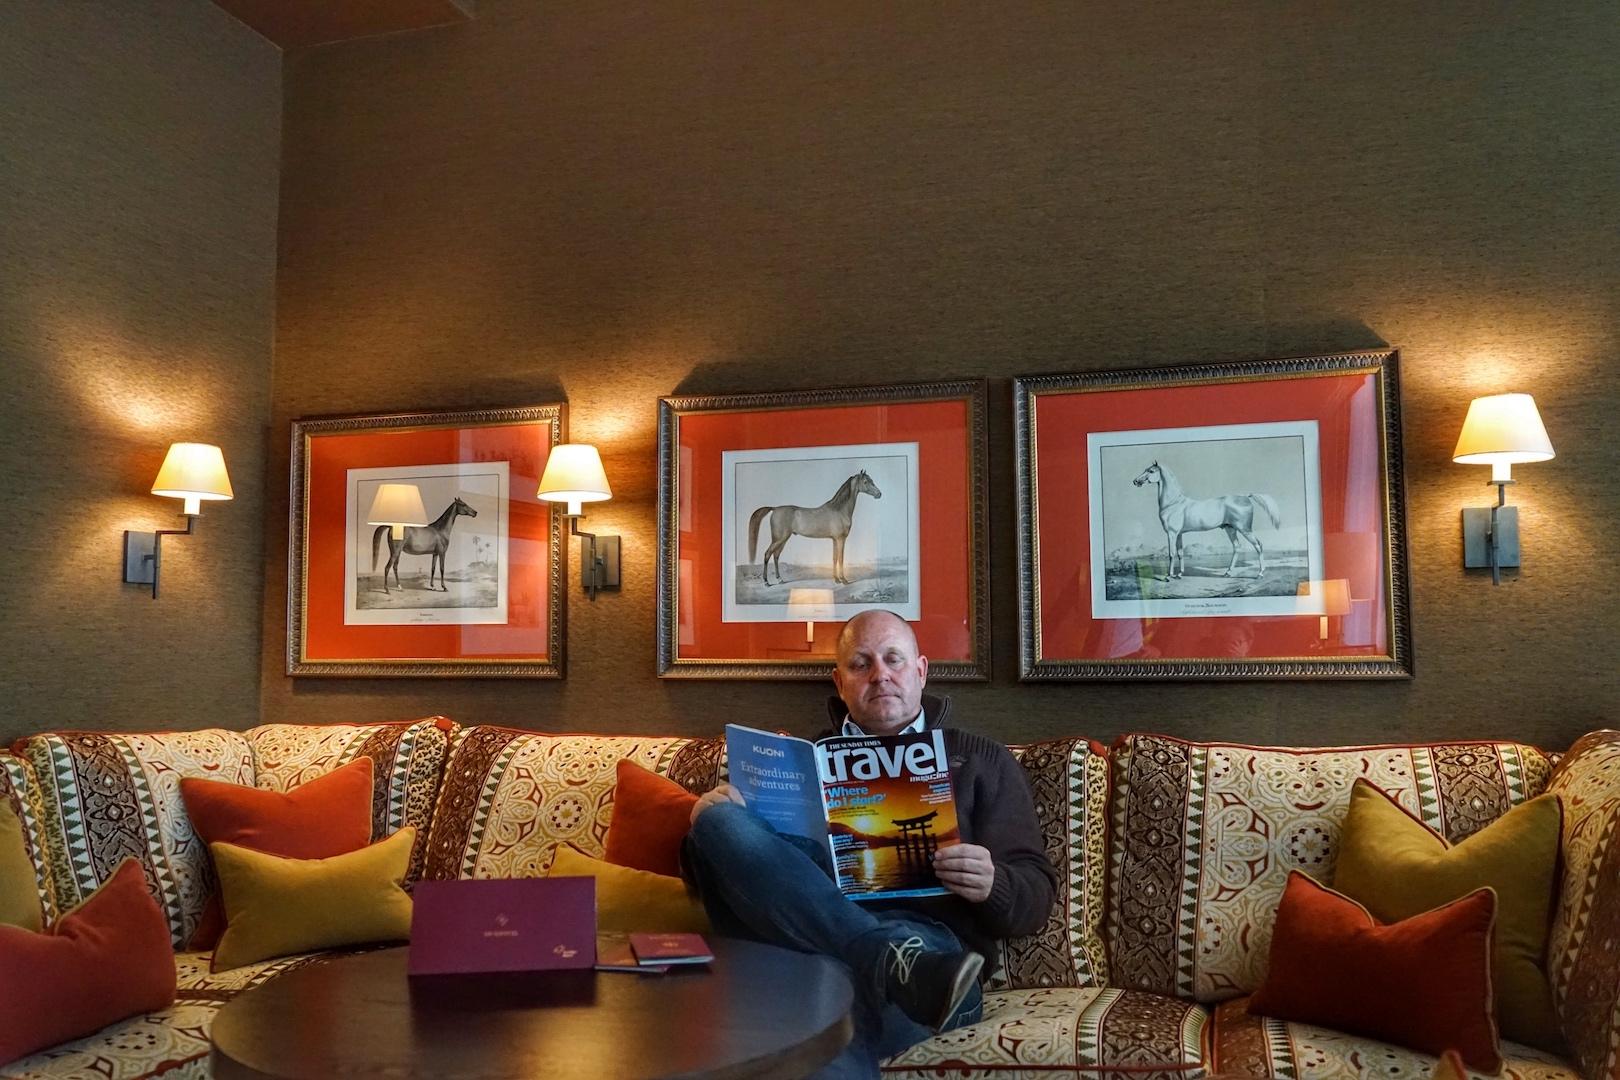 Die Grandsuite in der Lounge am FlughafenFrankfurt stimmte uns schon auf den Trip in den Nahen Osten ein - edles Mobiliar, großzügigen Sofas; so verbringt man gerne seine Wartezeit